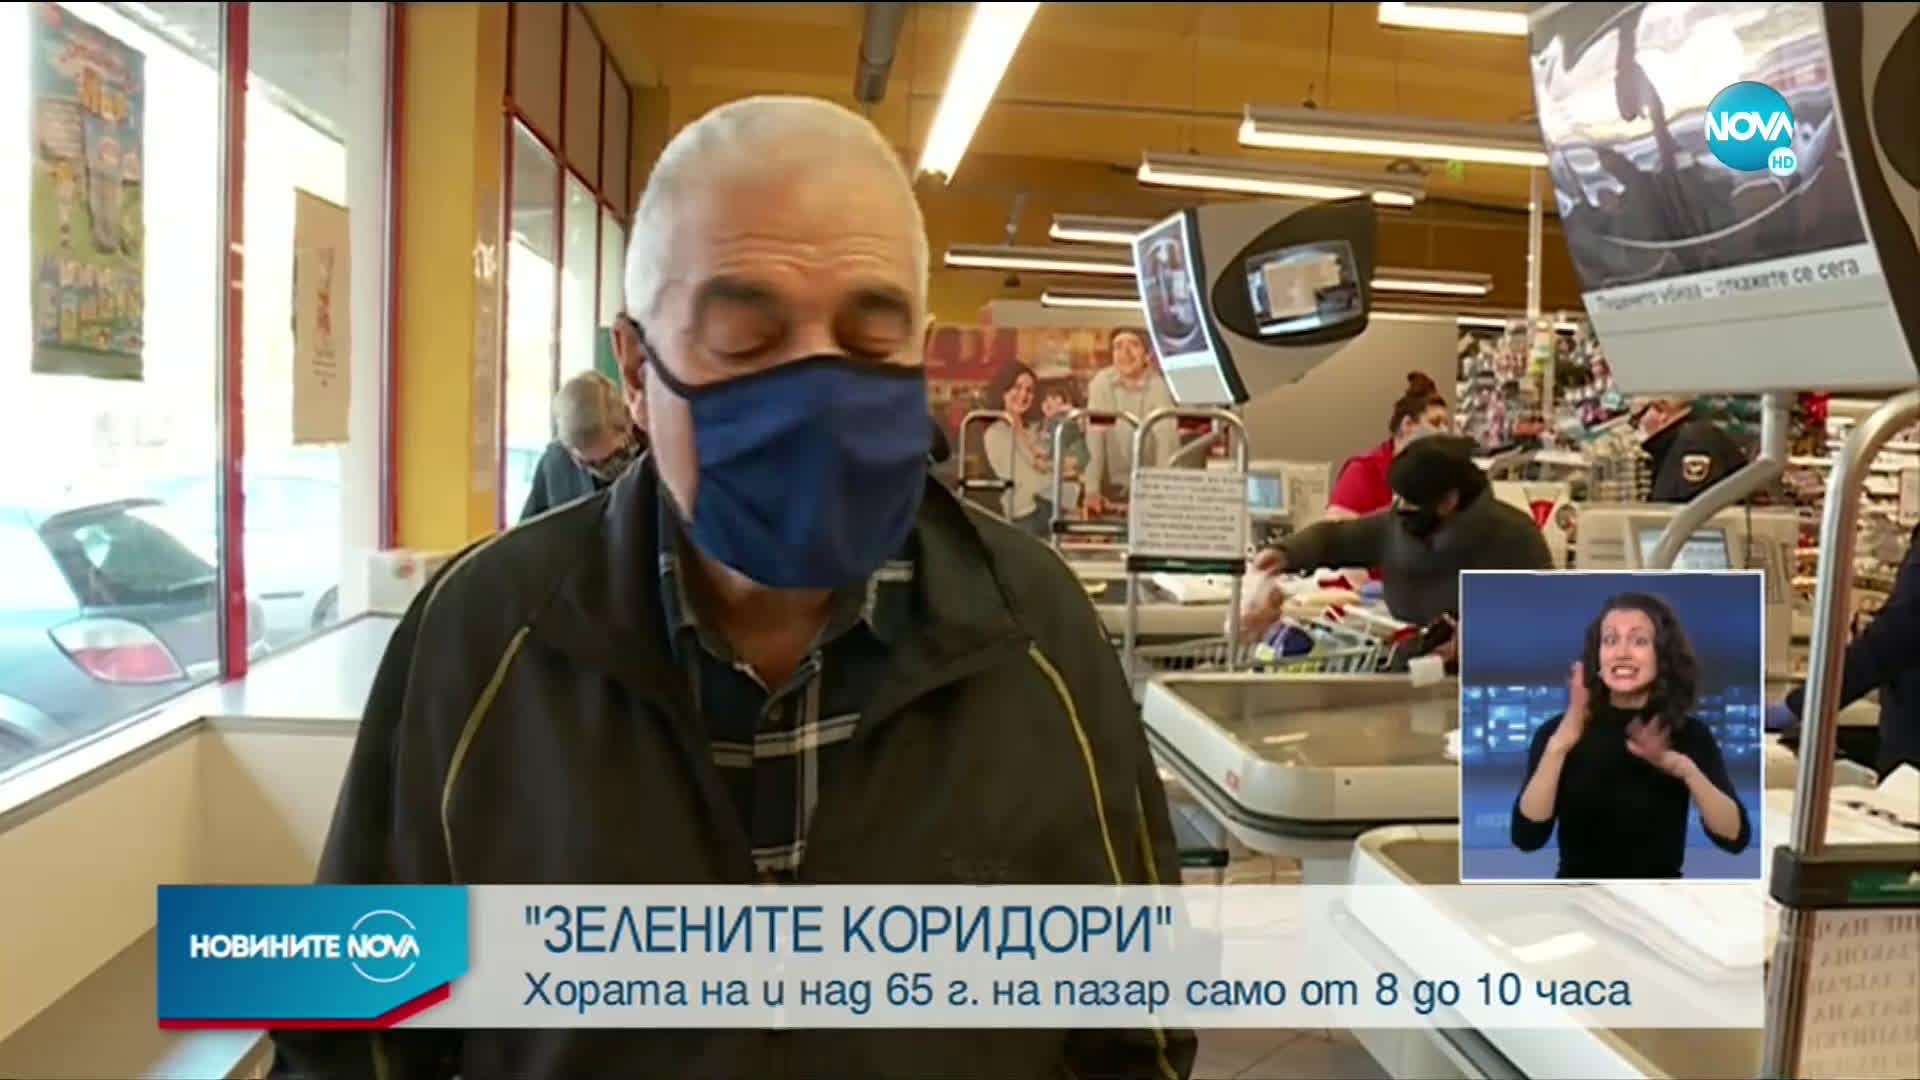 """Хаос заради заповедта за """"зелени коридори"""" за пенсионерите"""